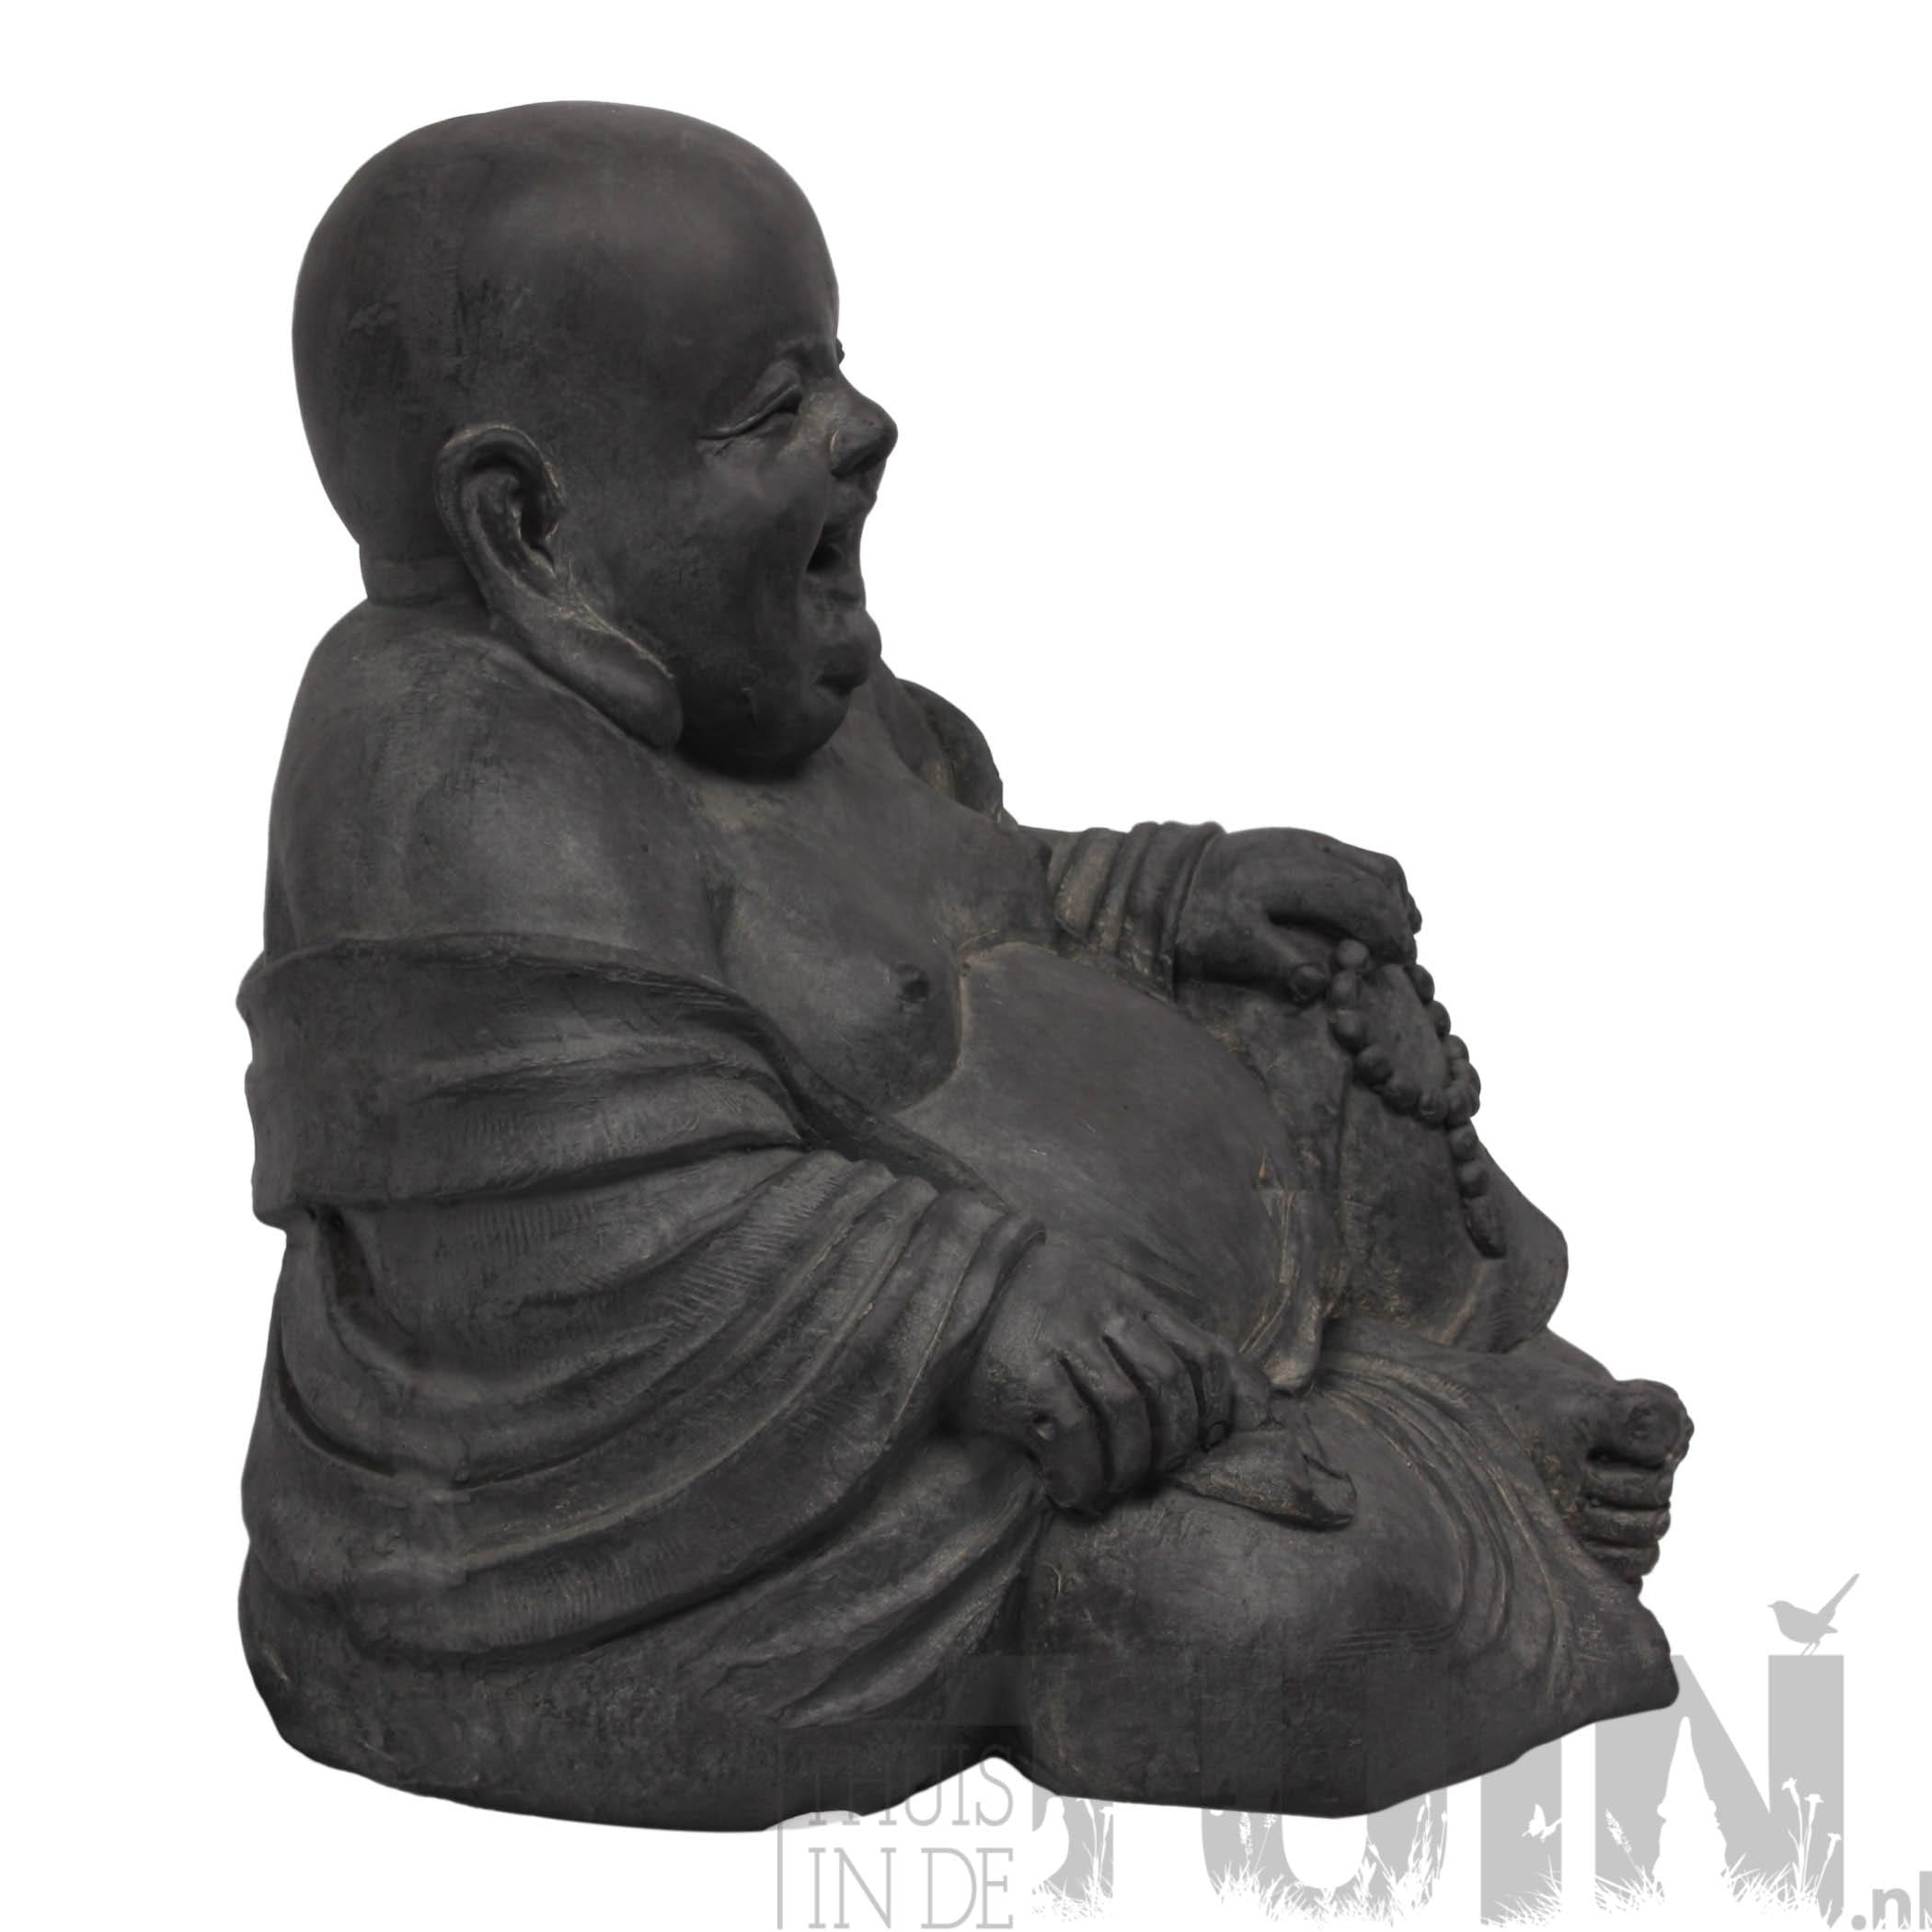 lachende boeddha dikbuik antraciet boeddhabeelden